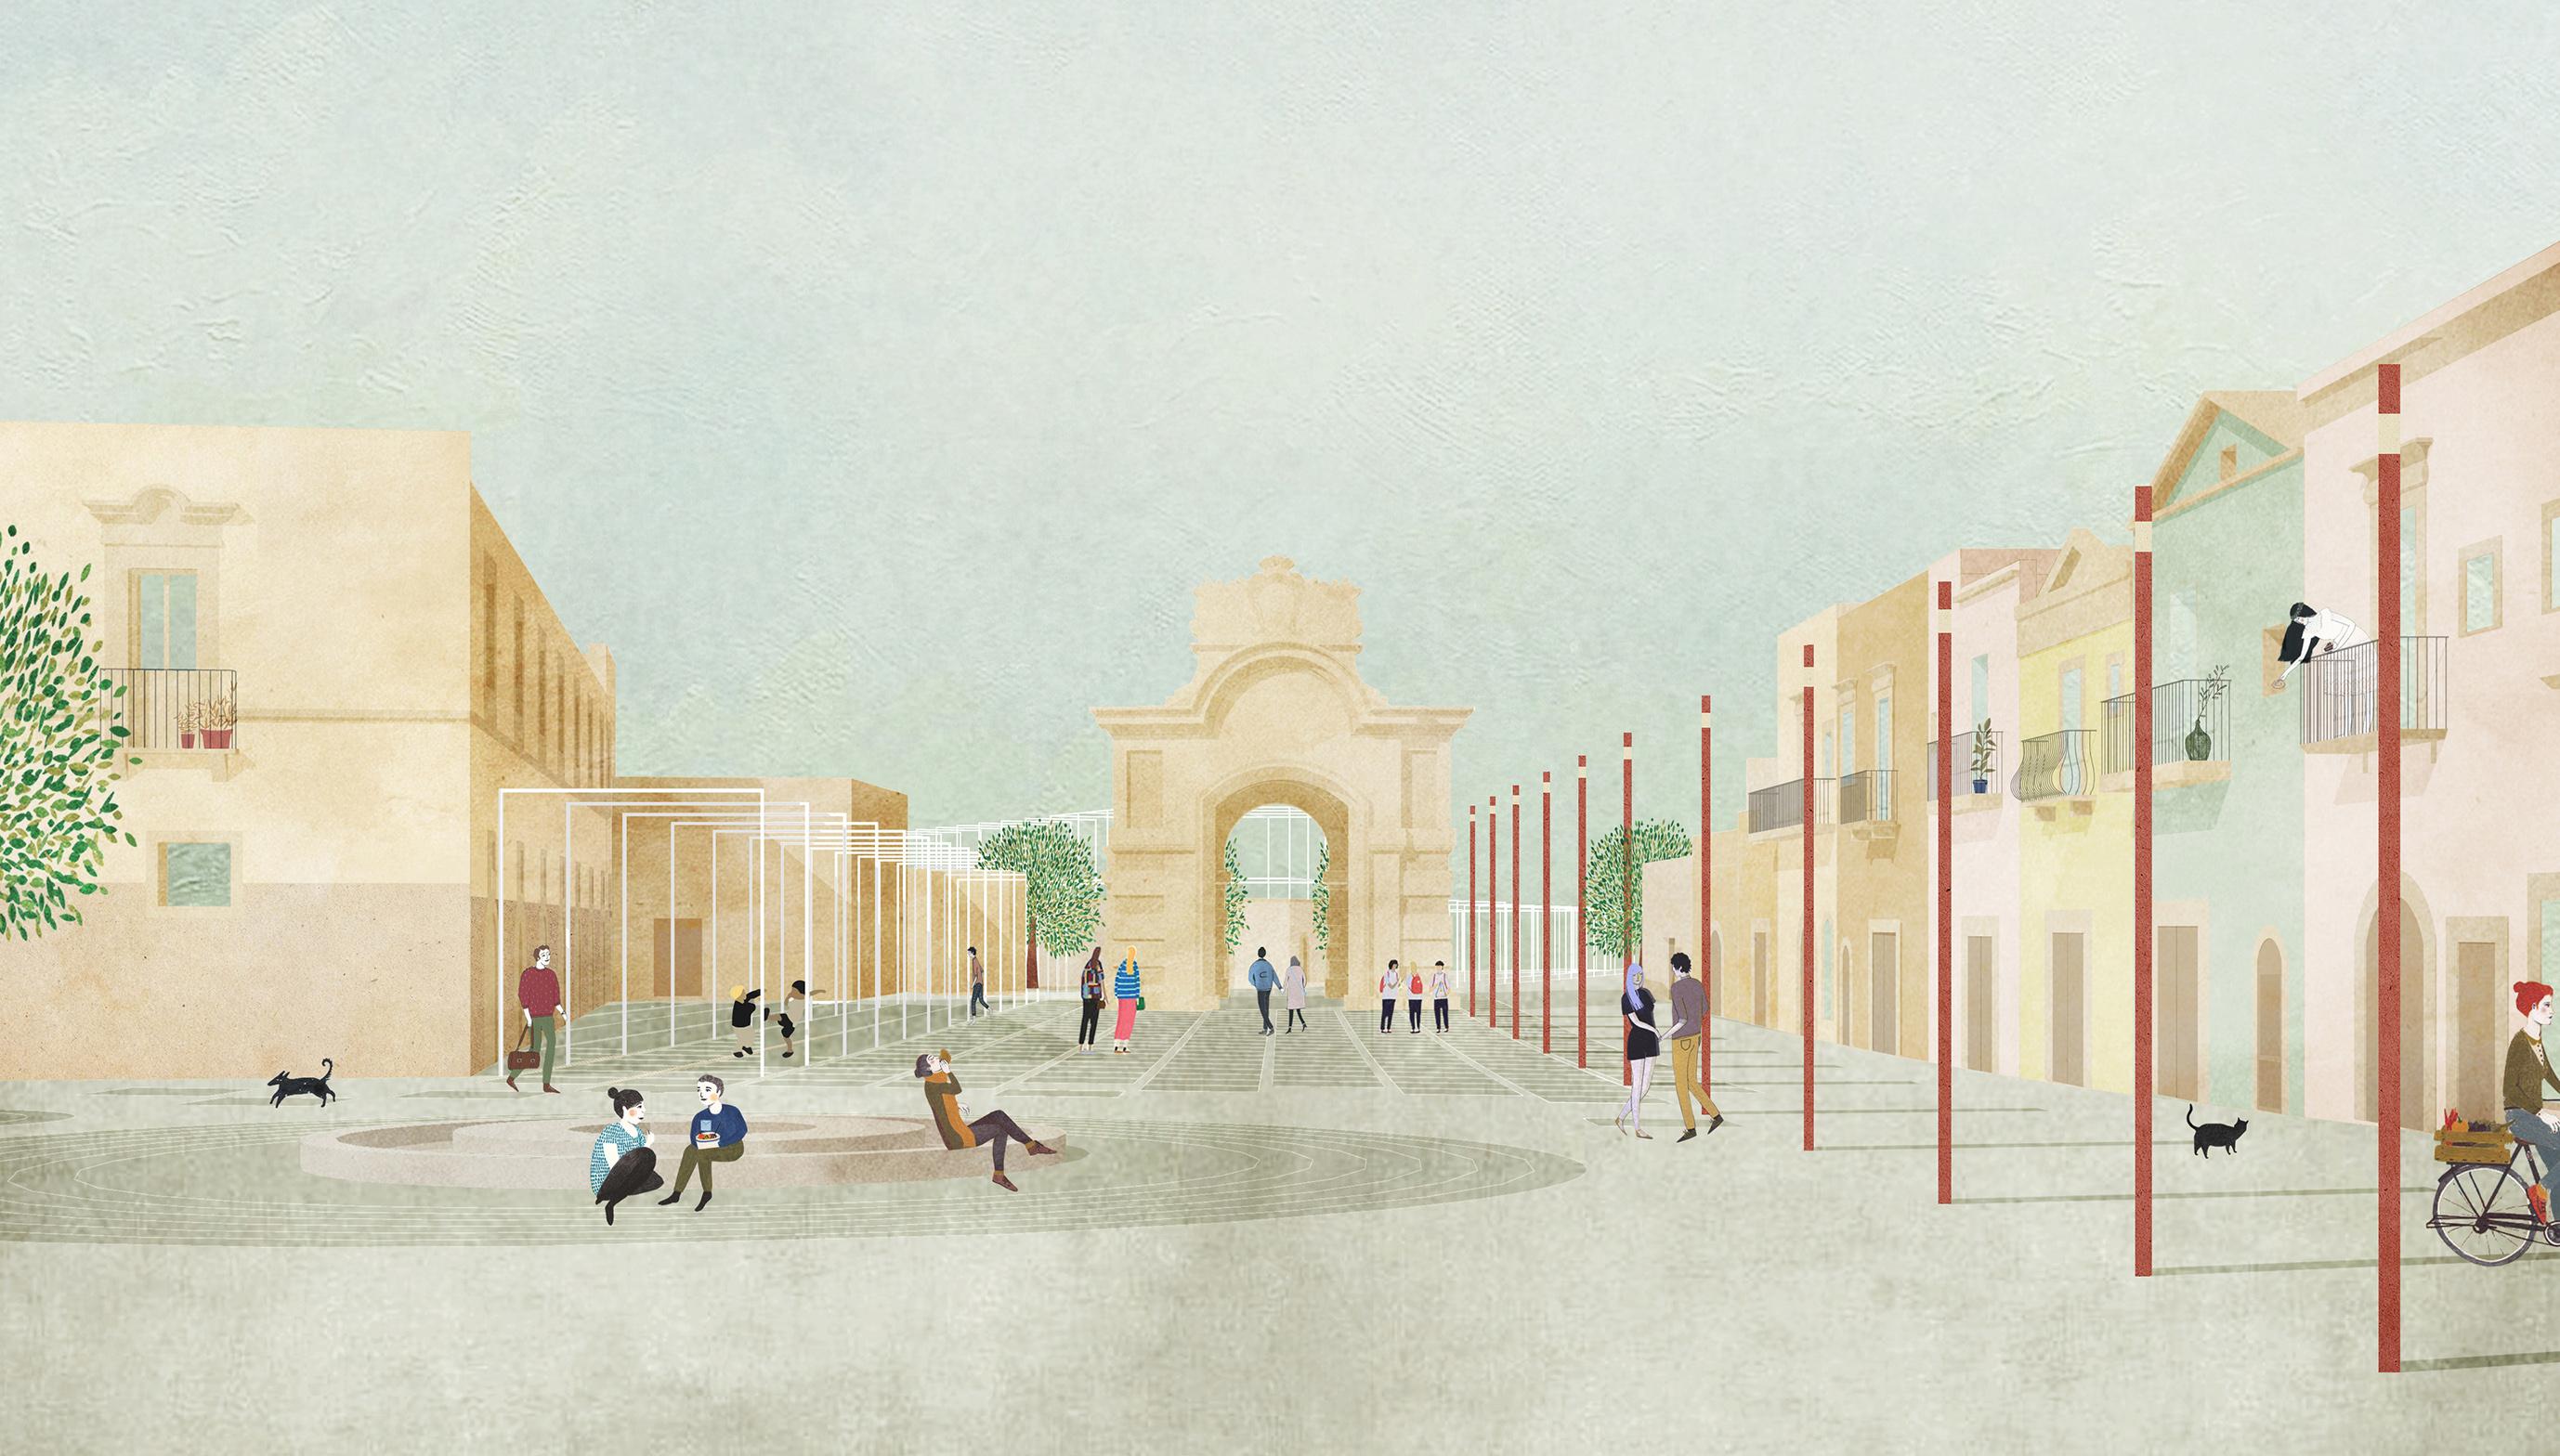 Una suggestione del progetto di riqualificazione della zona di Porta Marina per la realizzazione di nuova una piazza pubblica pedonale